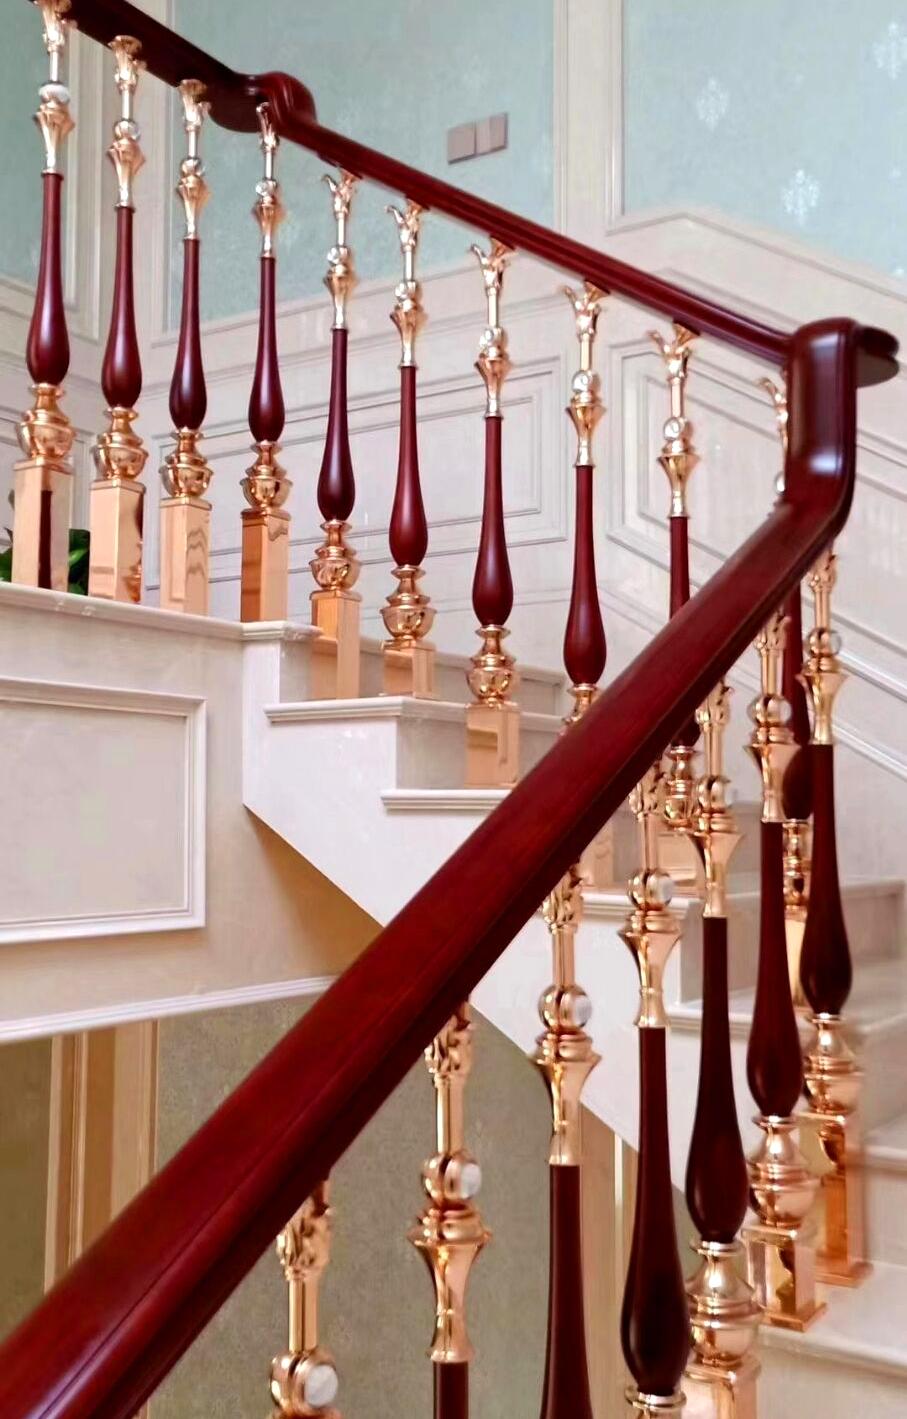 深圳楼梯,深圳金源楼梯,深圳扶梯,铜艺扶栏样式二